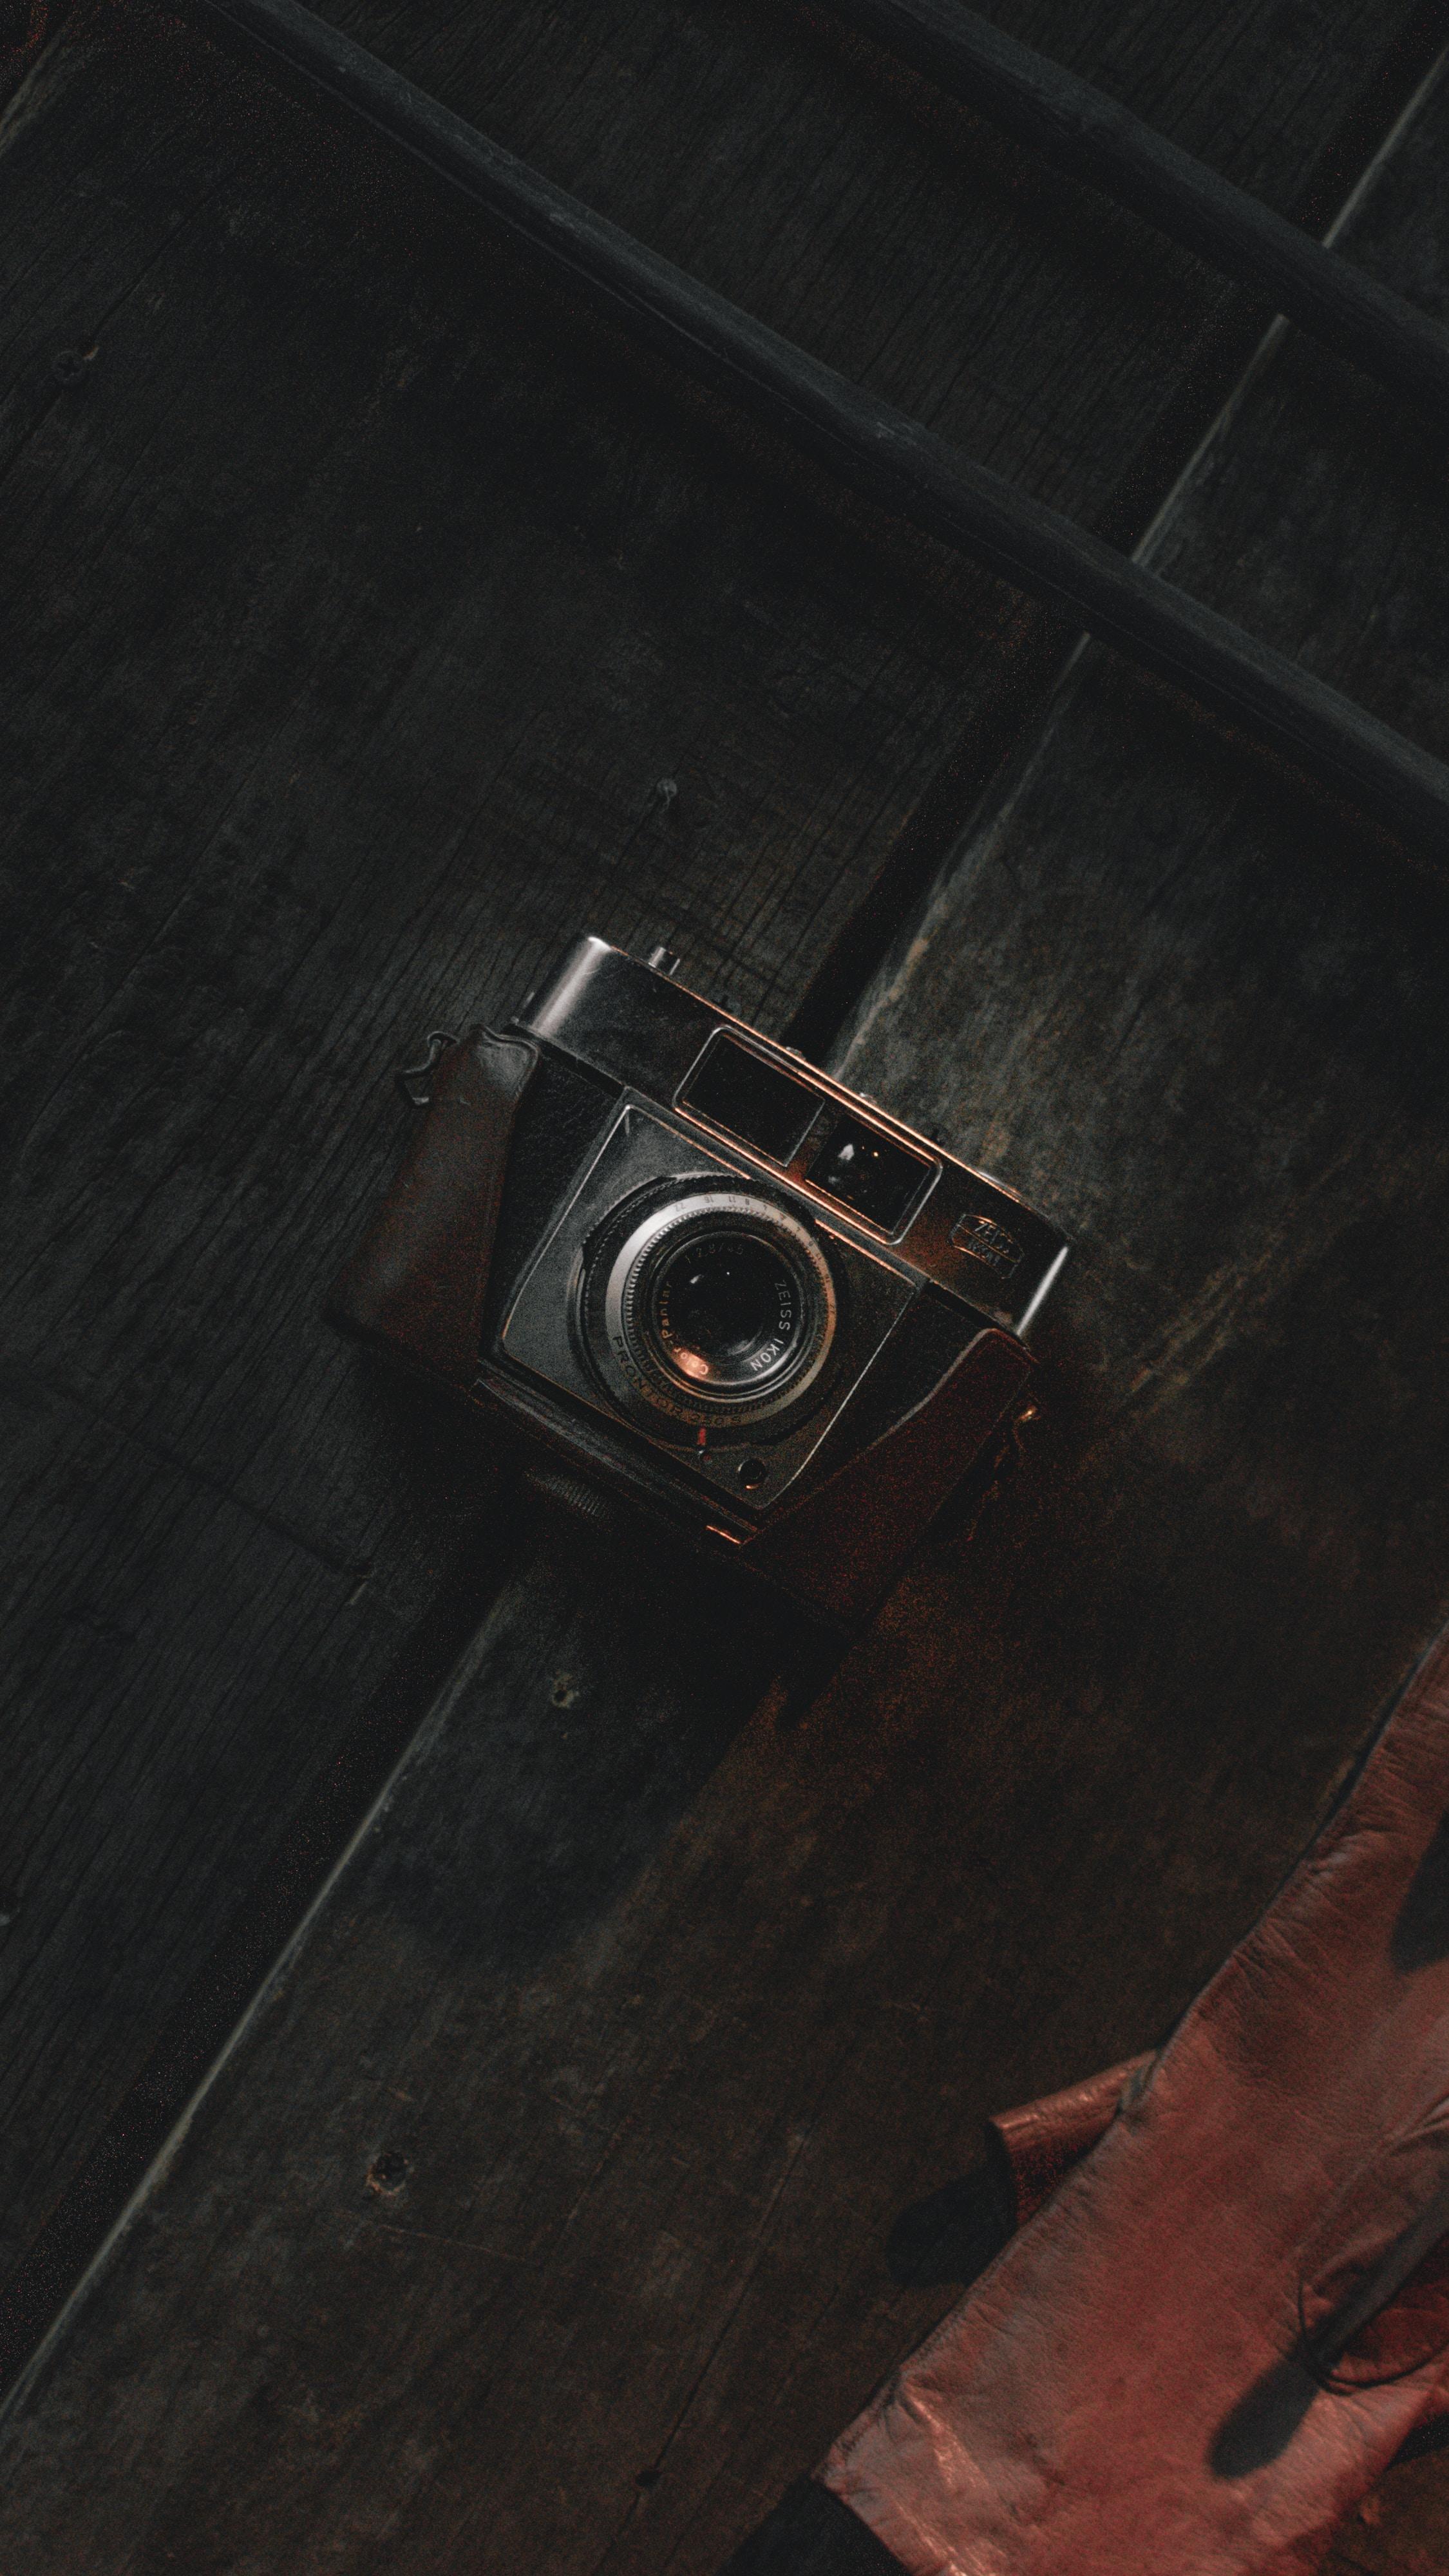 brown and gray SLR camera